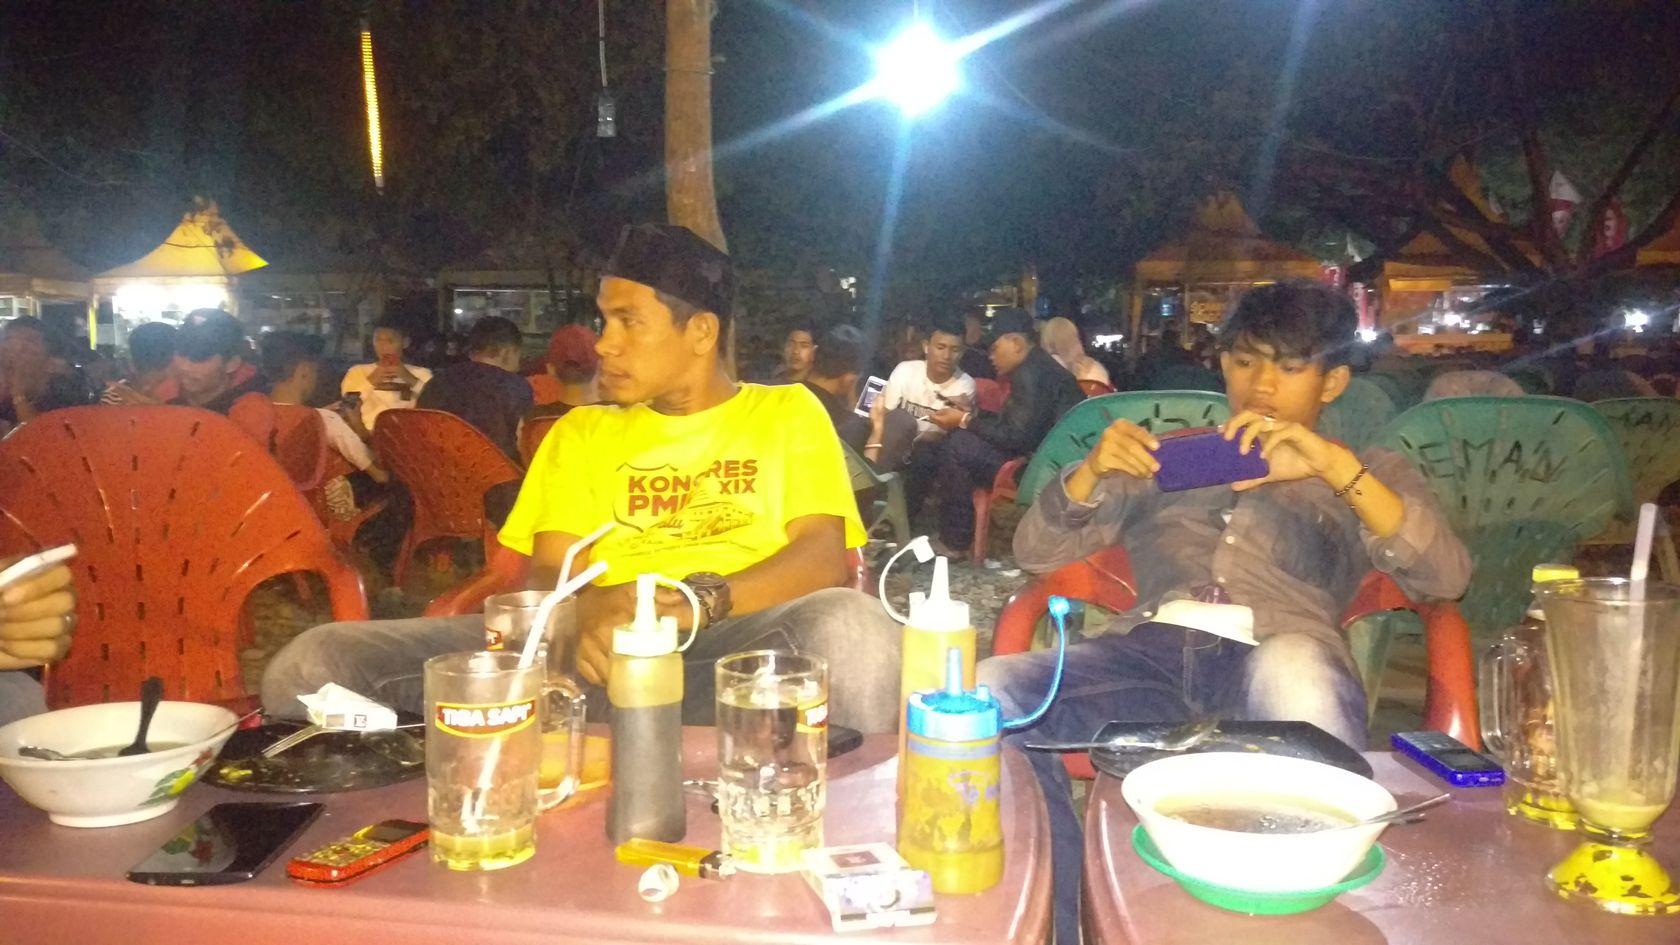 Wisata Malam Kota Banda Aceh Steemkr Bersama Rekan Nyantai Lapangan